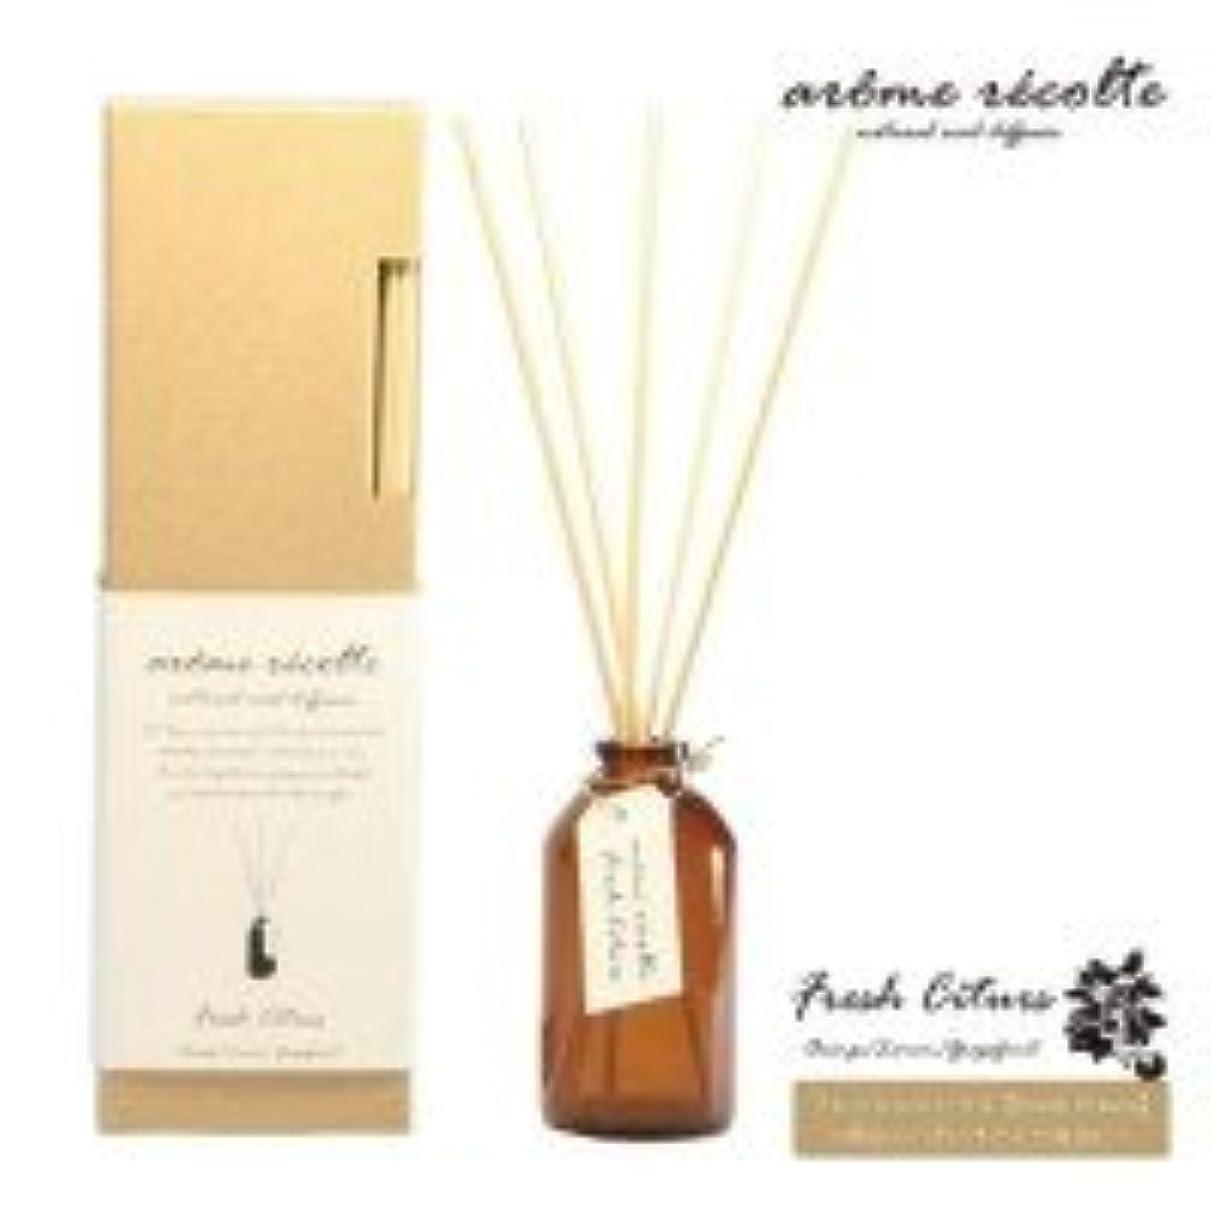 精緻化褐色冷笑するアロマレコルト ナチュラルアロマディフューザー  フレッシュシトラス【Fresh Citurs】 arome rcolte